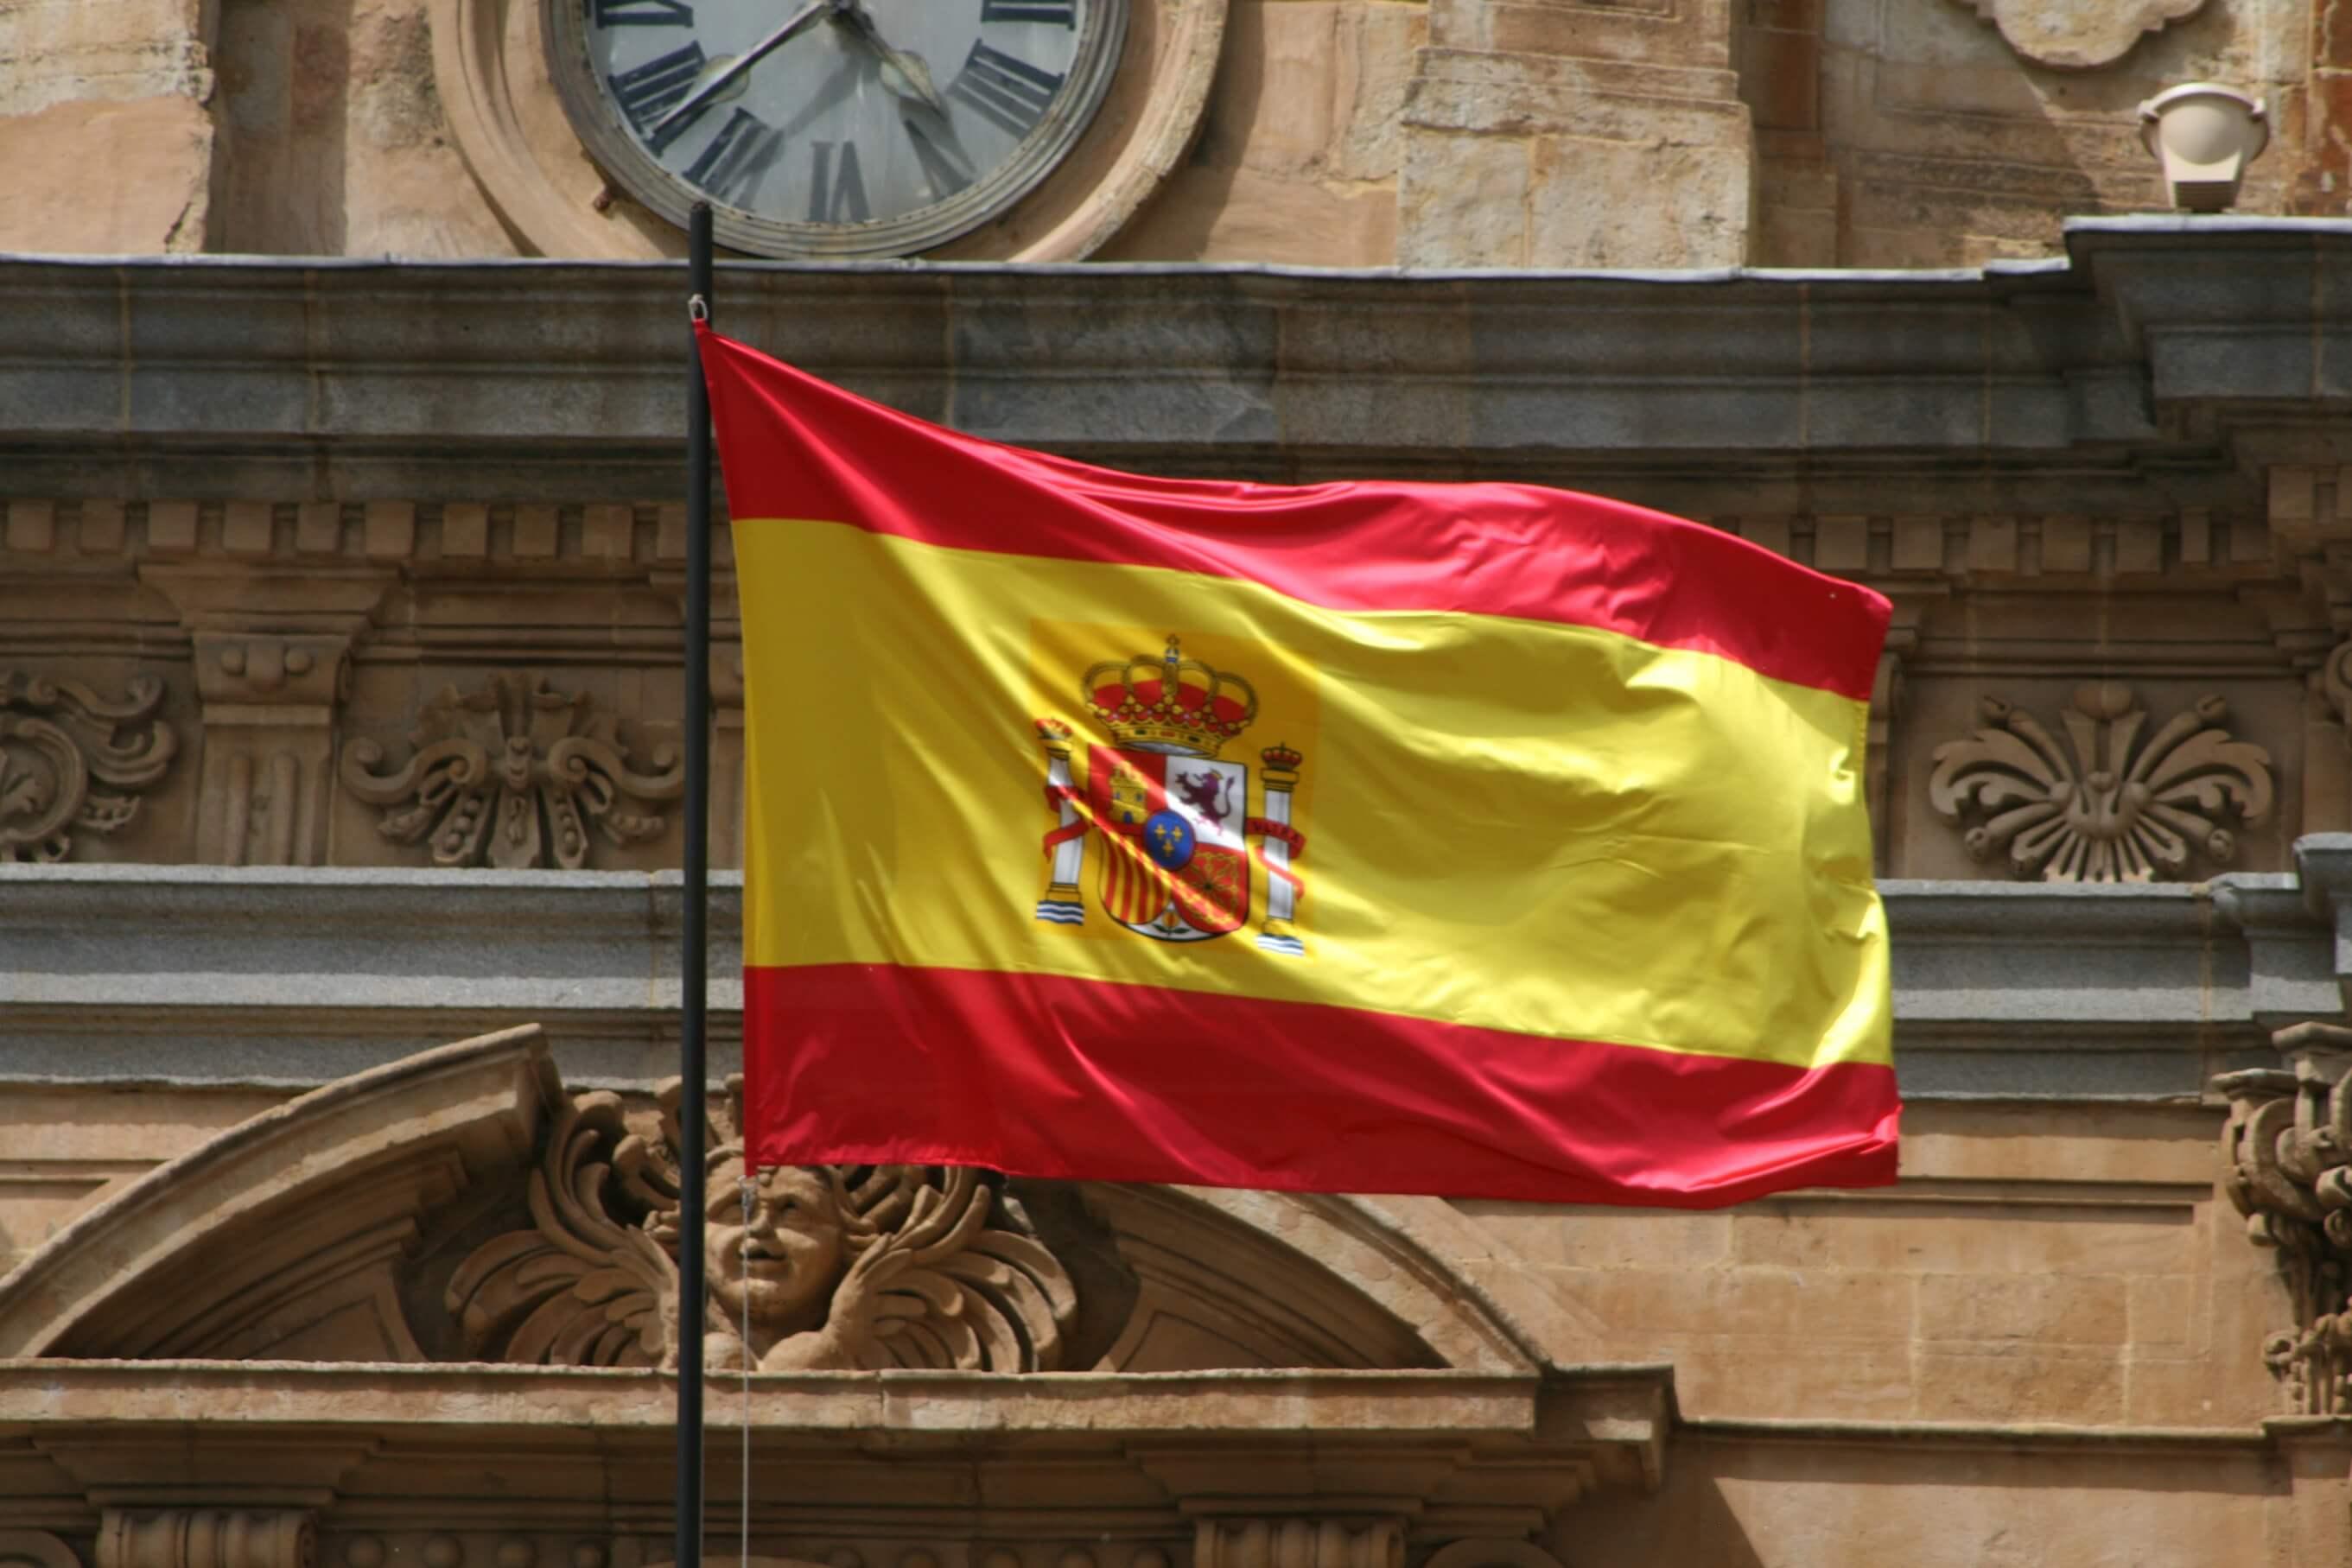 В Испанию нужна виза для россиян: какие документы нужны для взрослых, детей, сколько стоит виза